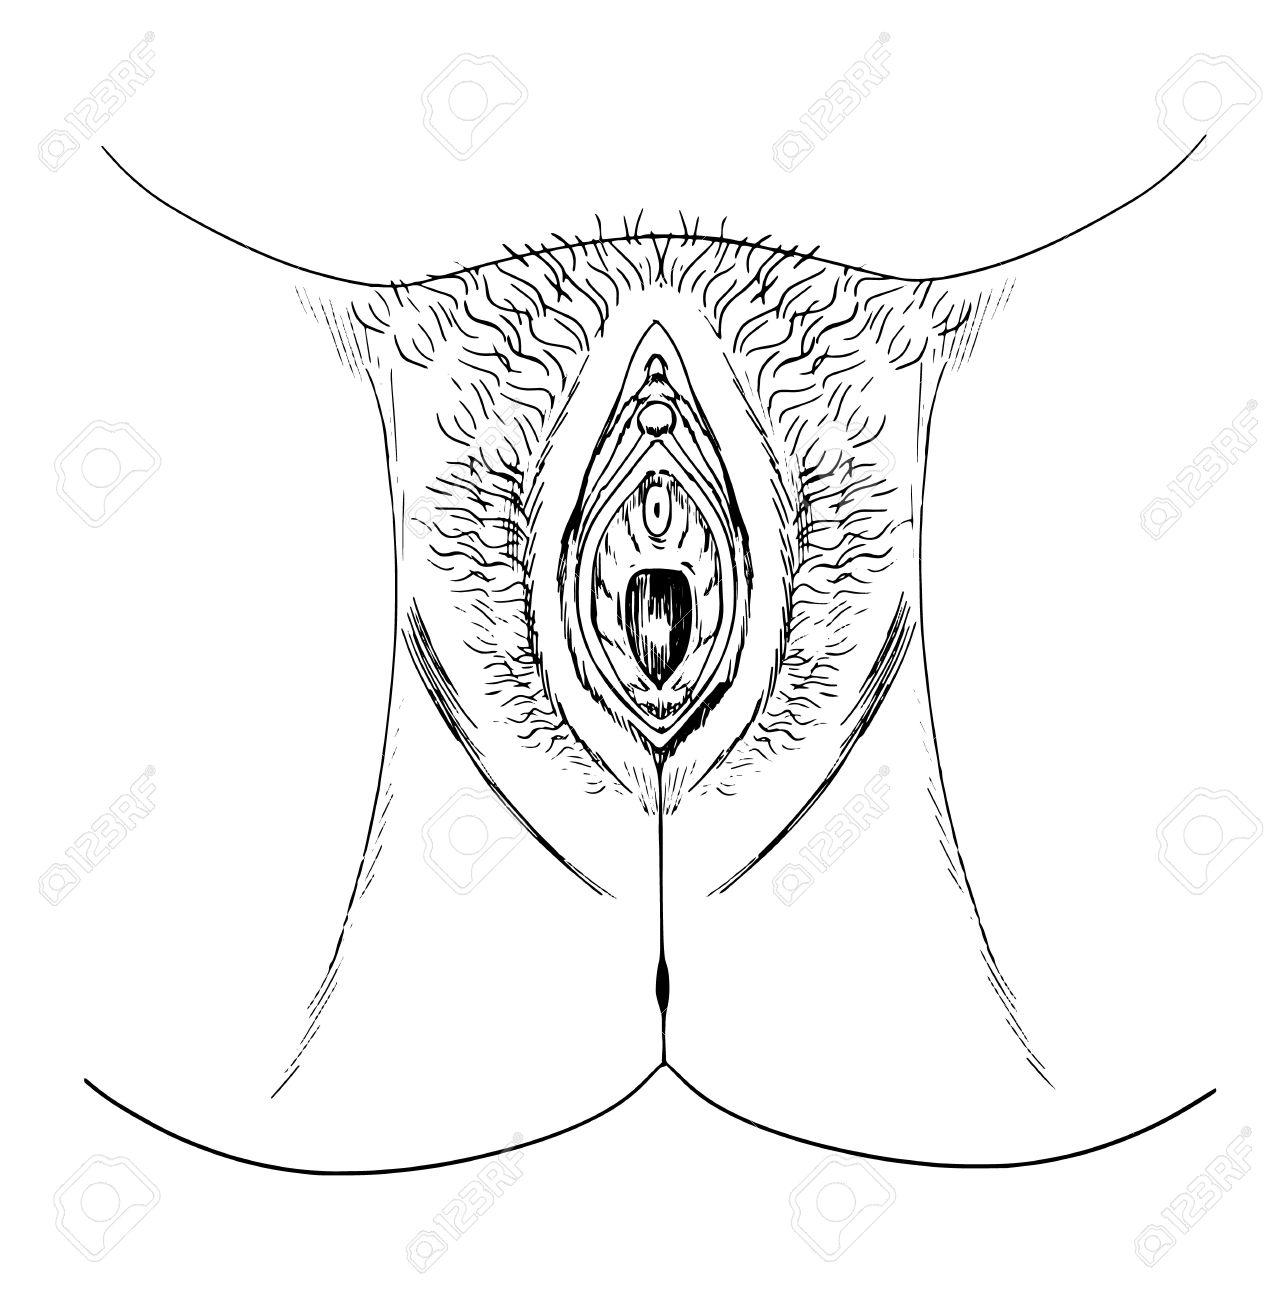 Croquis De La Vagina Humana (anatomía Externa) Ilustraciones ...